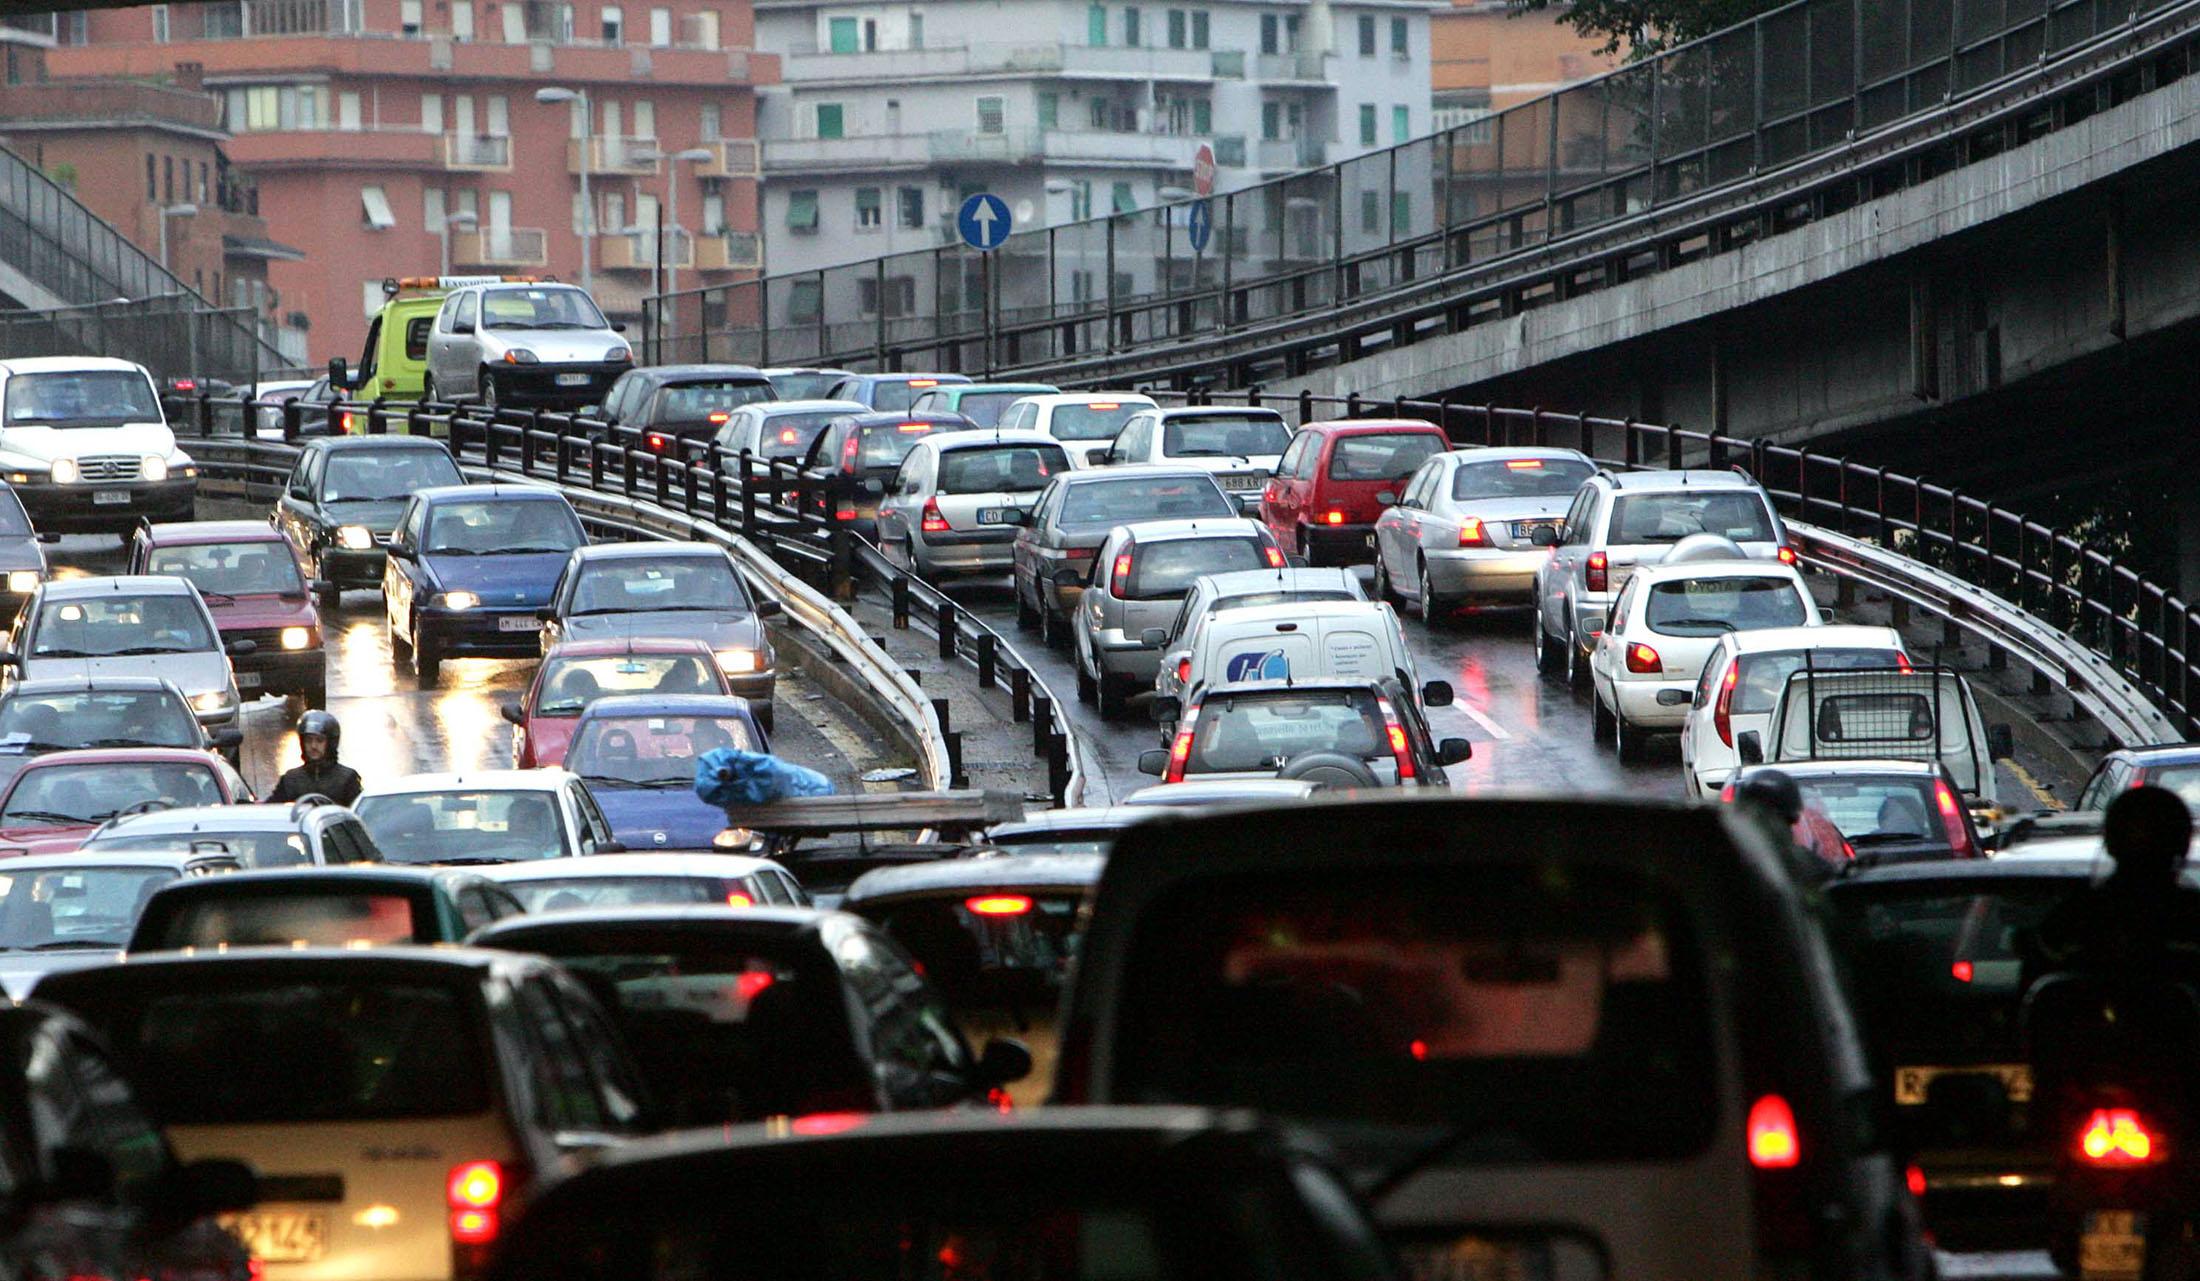 Roma sconfitta dal traffico: è la seconda al mondo per ore in auto perse ogni anno